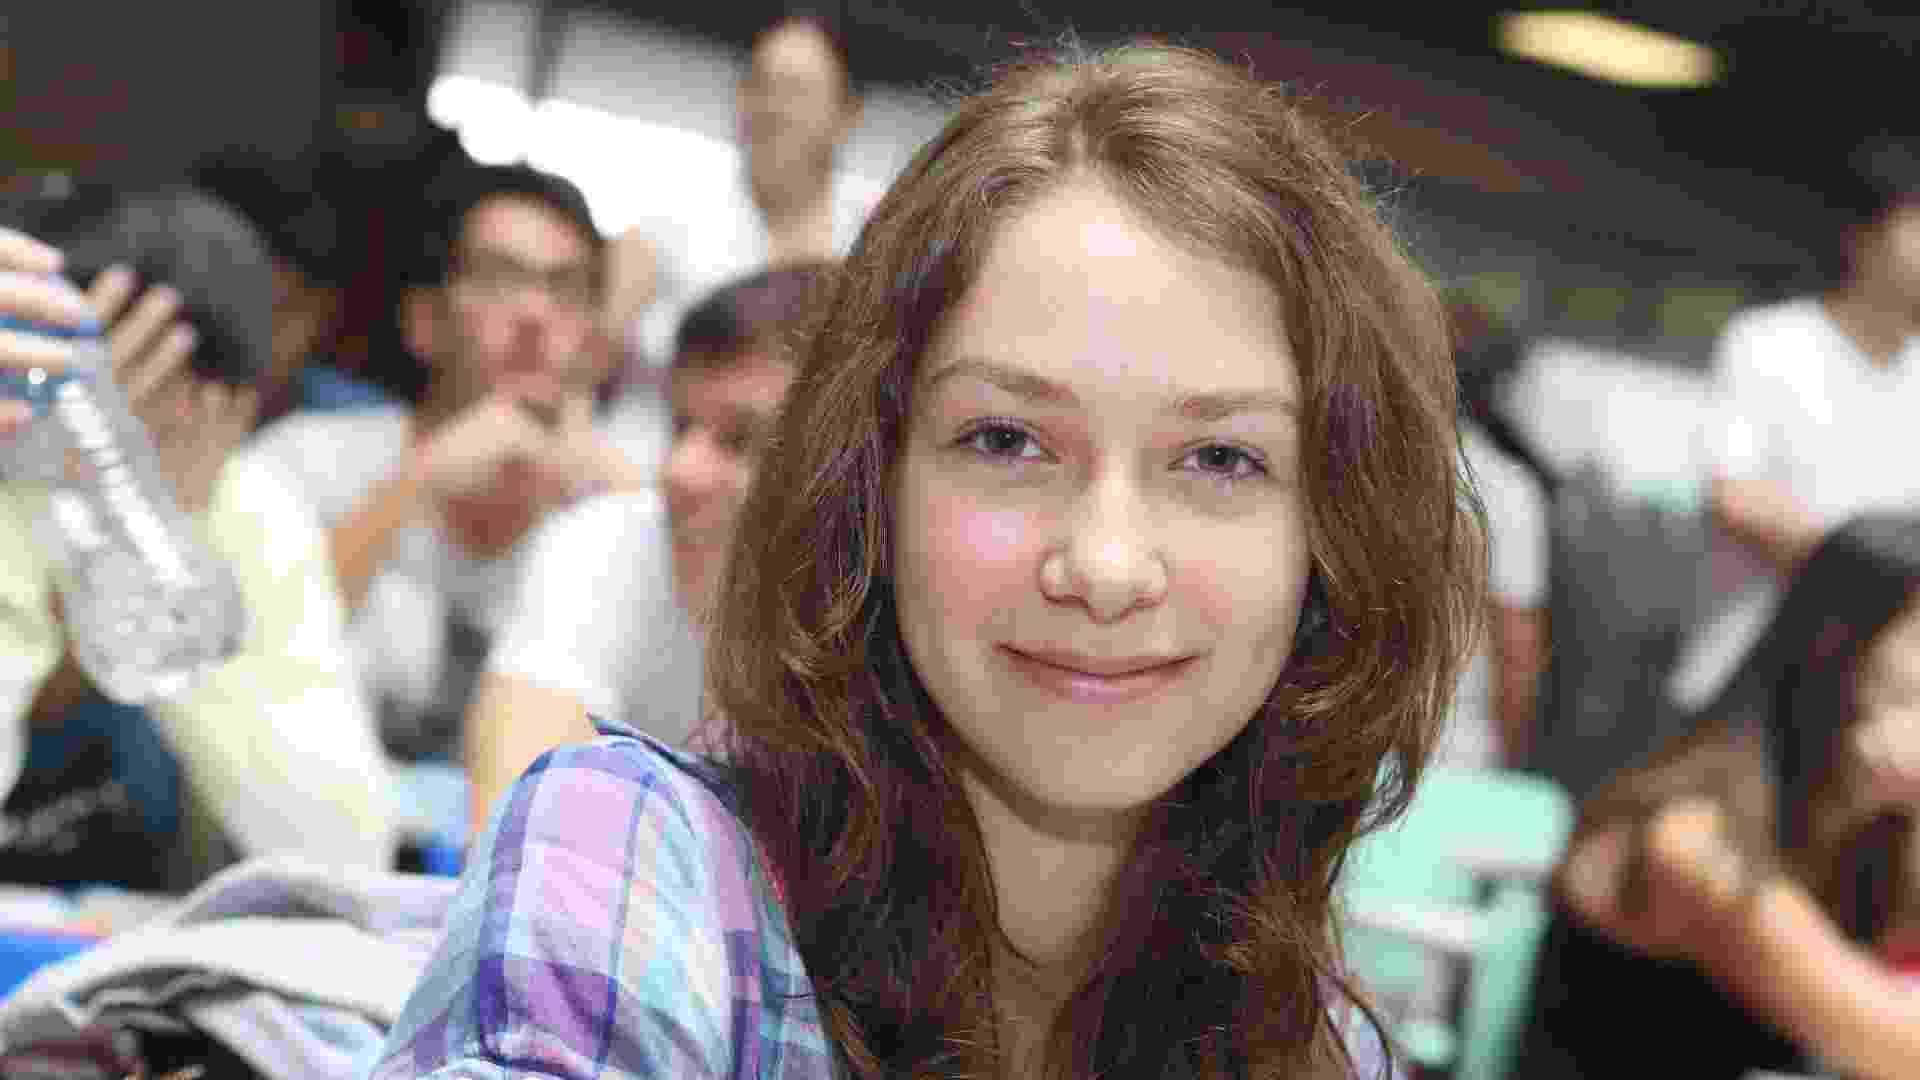 18.jan.213 - Tais Padovani, 17, foi aprovada pelo Sisu (Sistema de Seleção Unificada) para o bacharelado de ciência e tecnologia da UFABC (Universidade Federal do ABC) - Aline Arruda/UOL